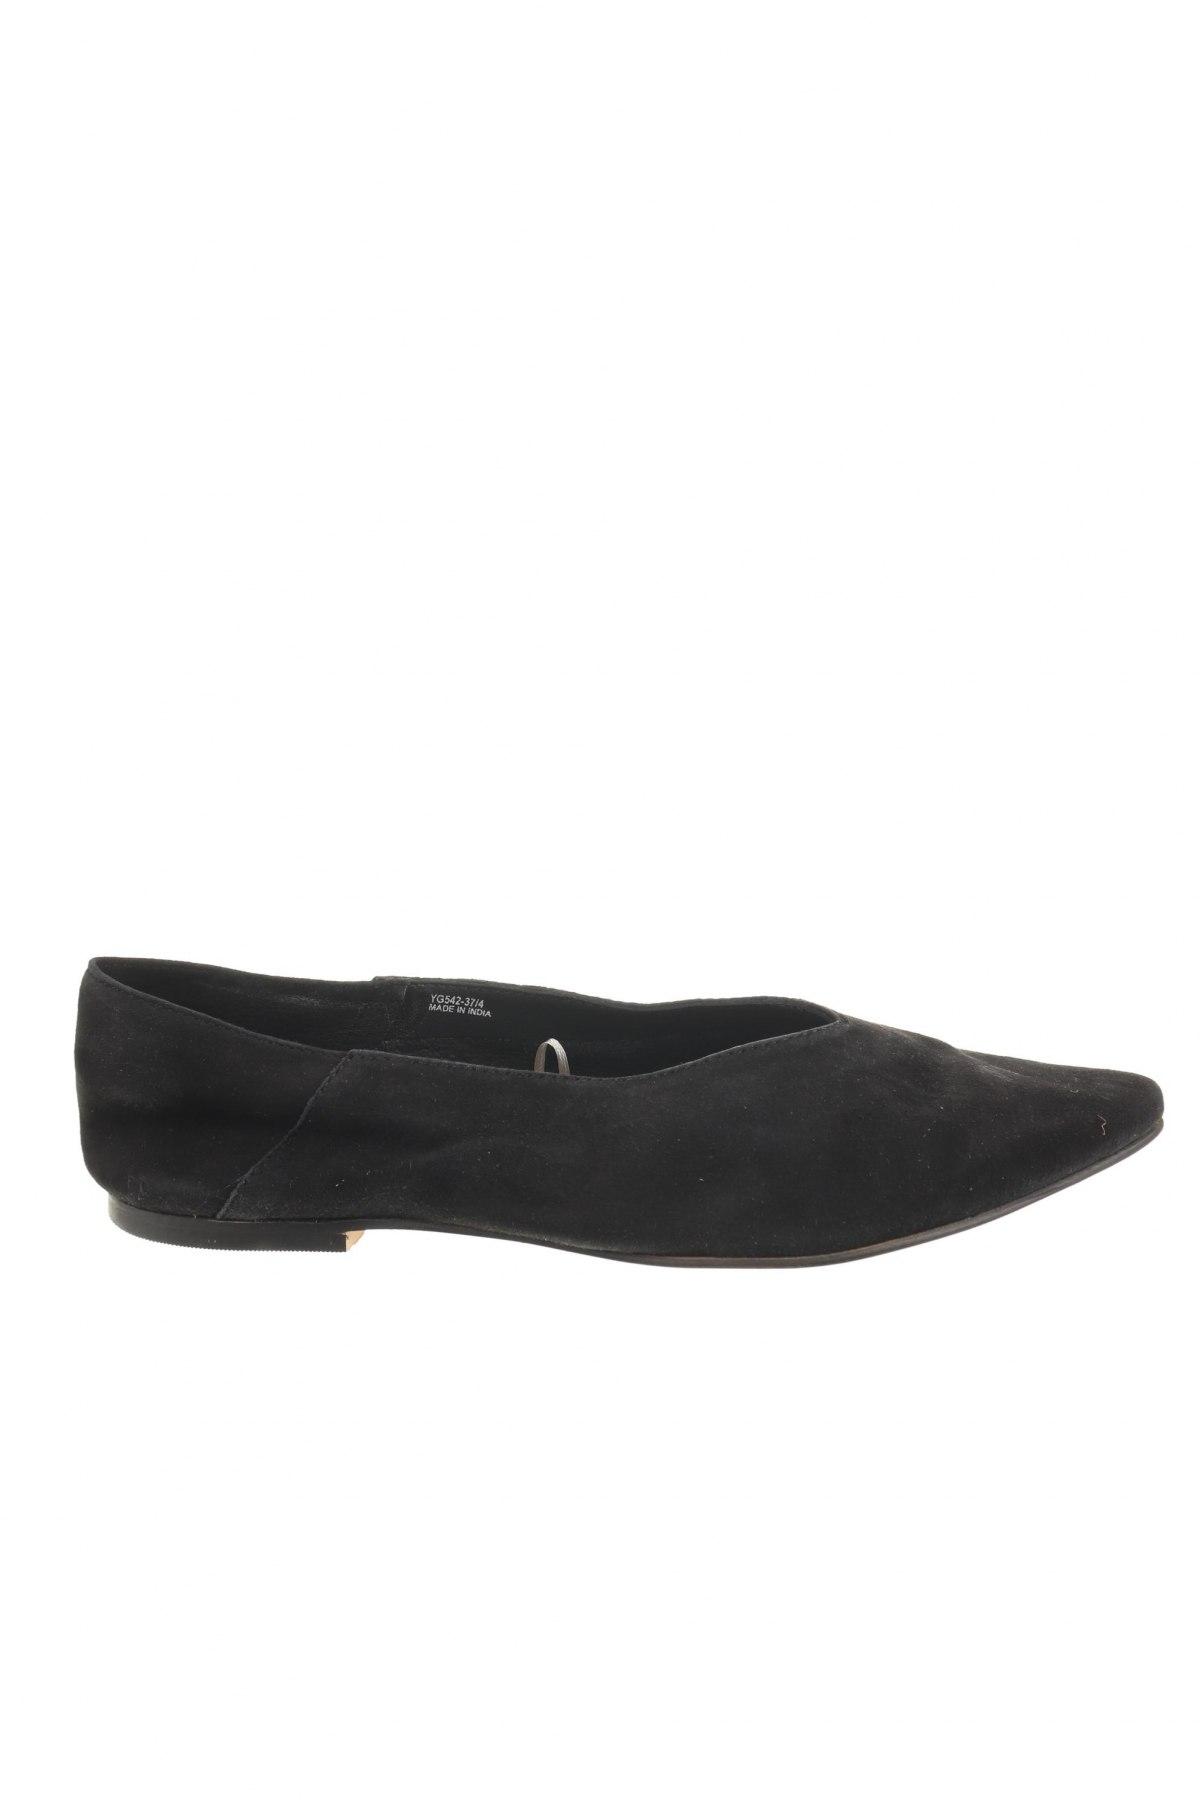 Дамски обувки Reserved, Размер 37, Цвят Черен, Естествен велур, Цена 17,80лв.